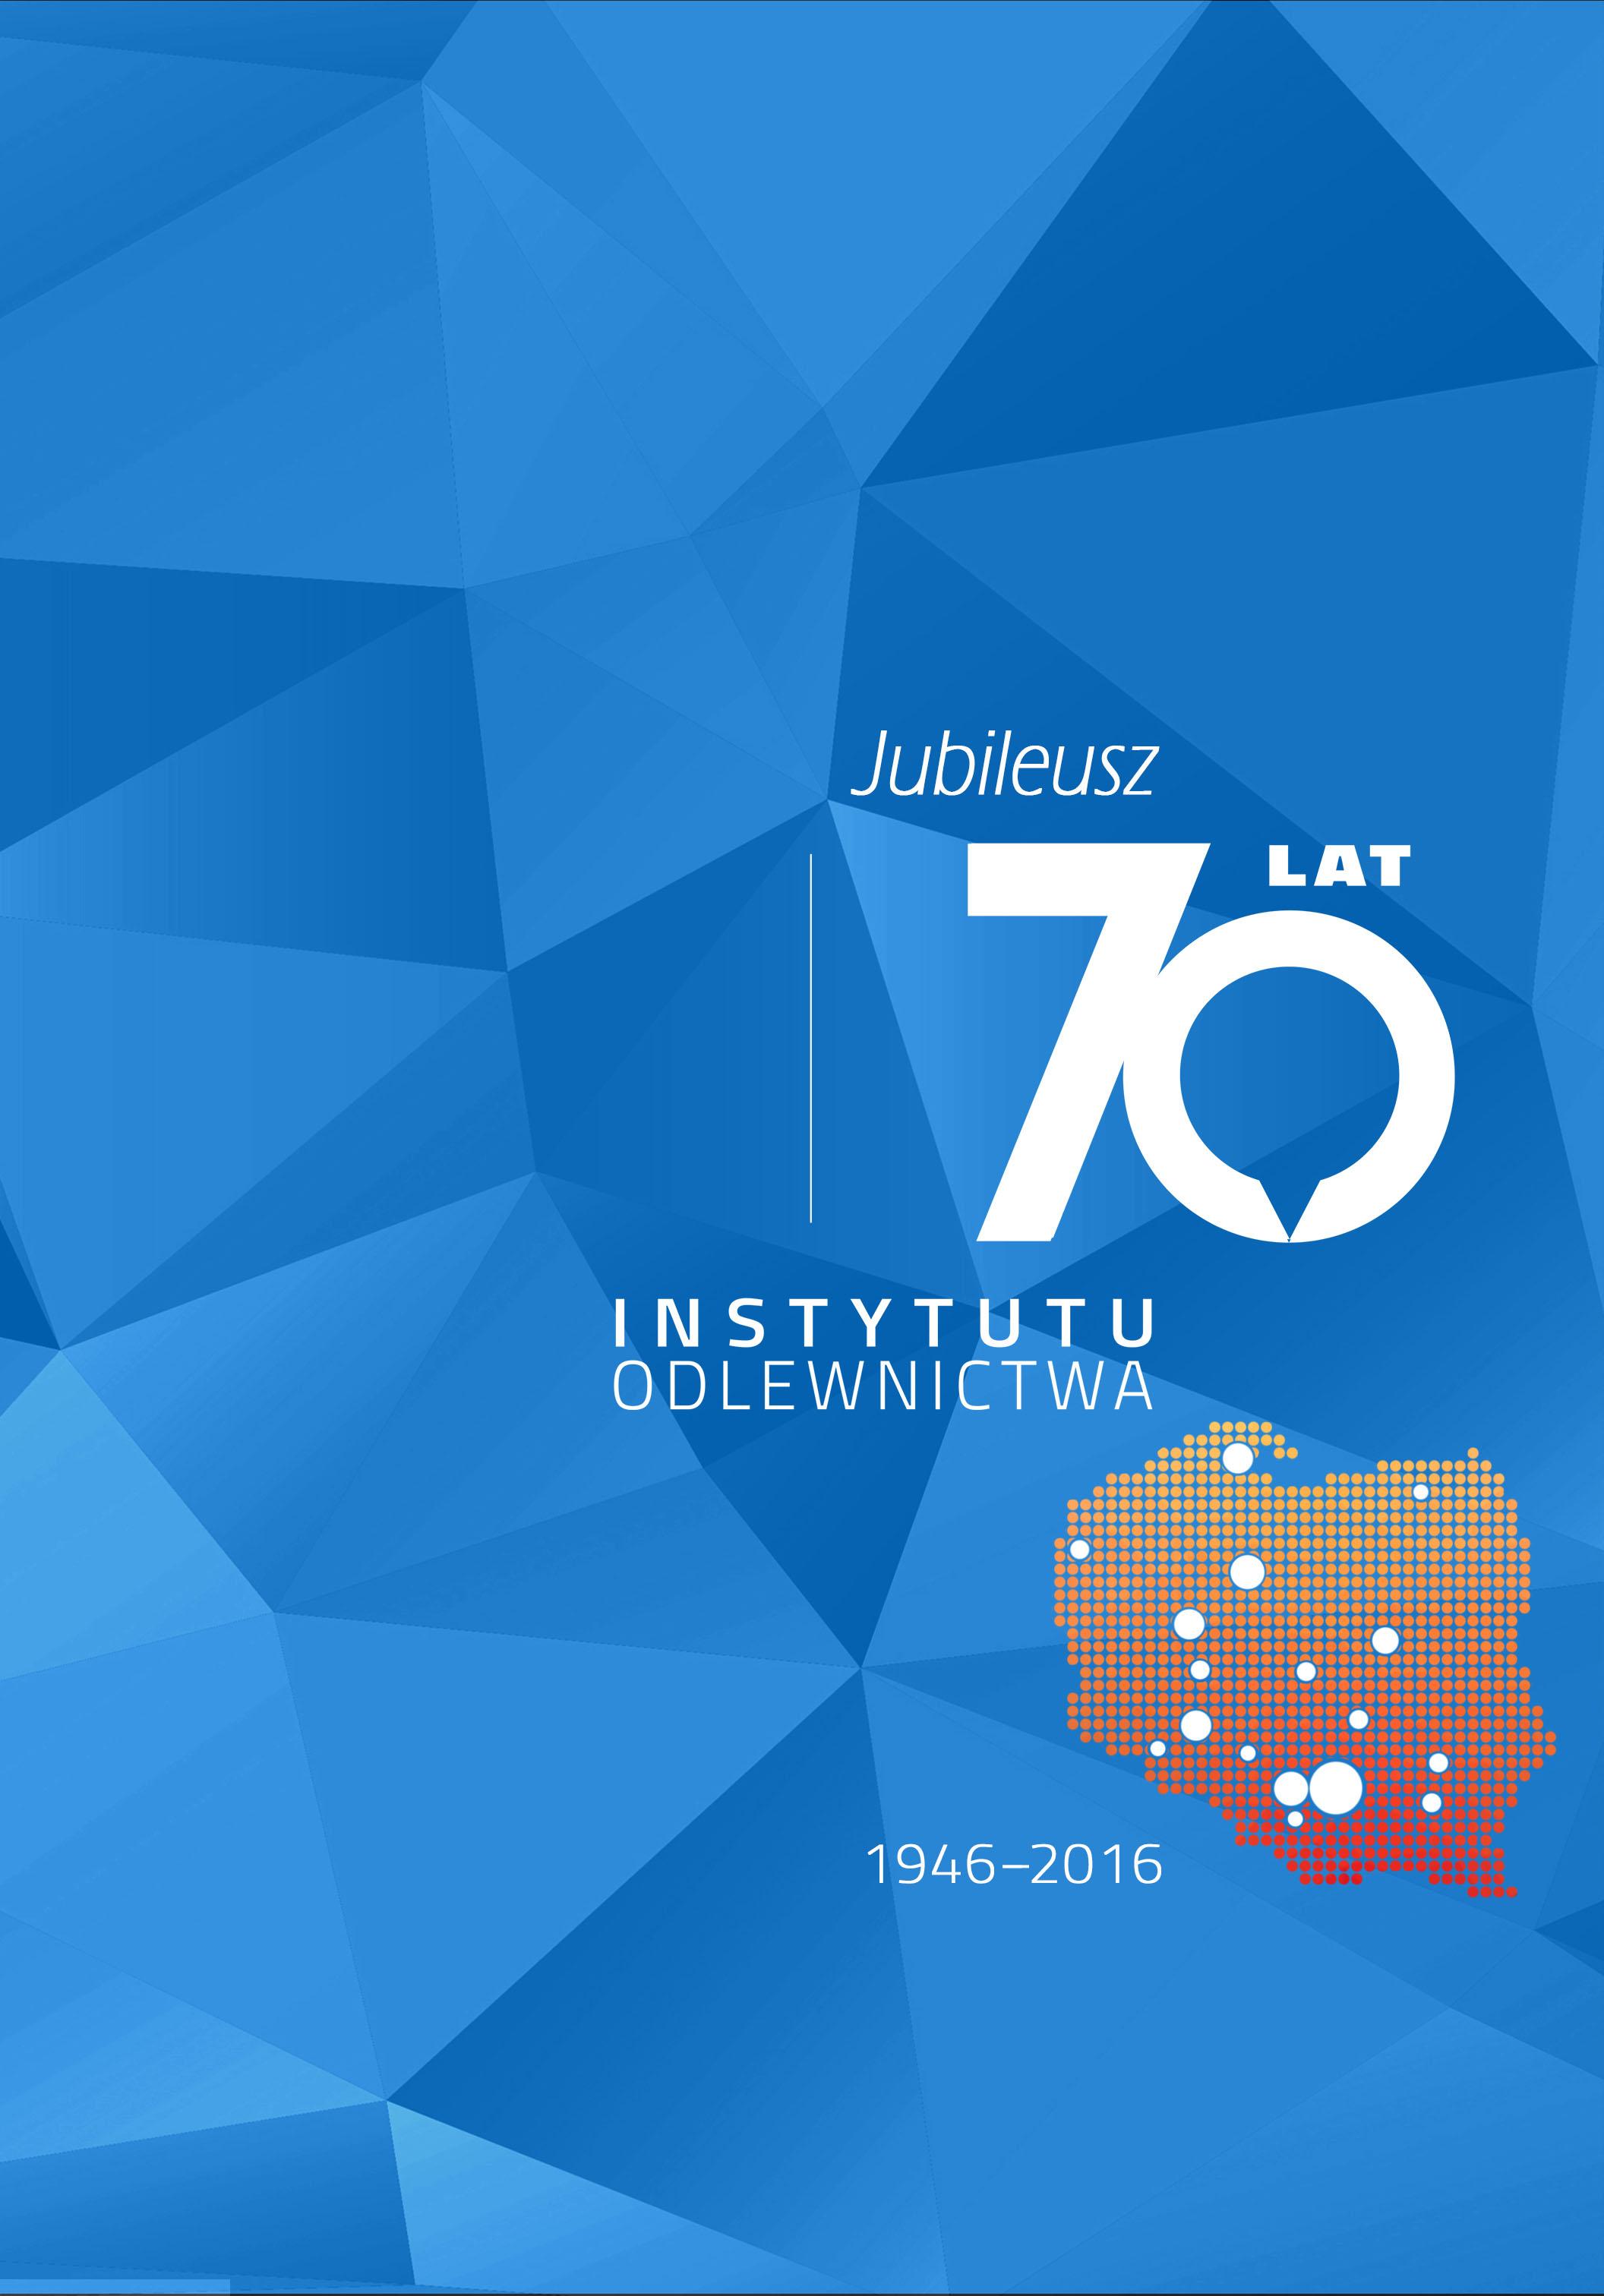 Jubileusz 70 lat Instytutu Odlewnictwa